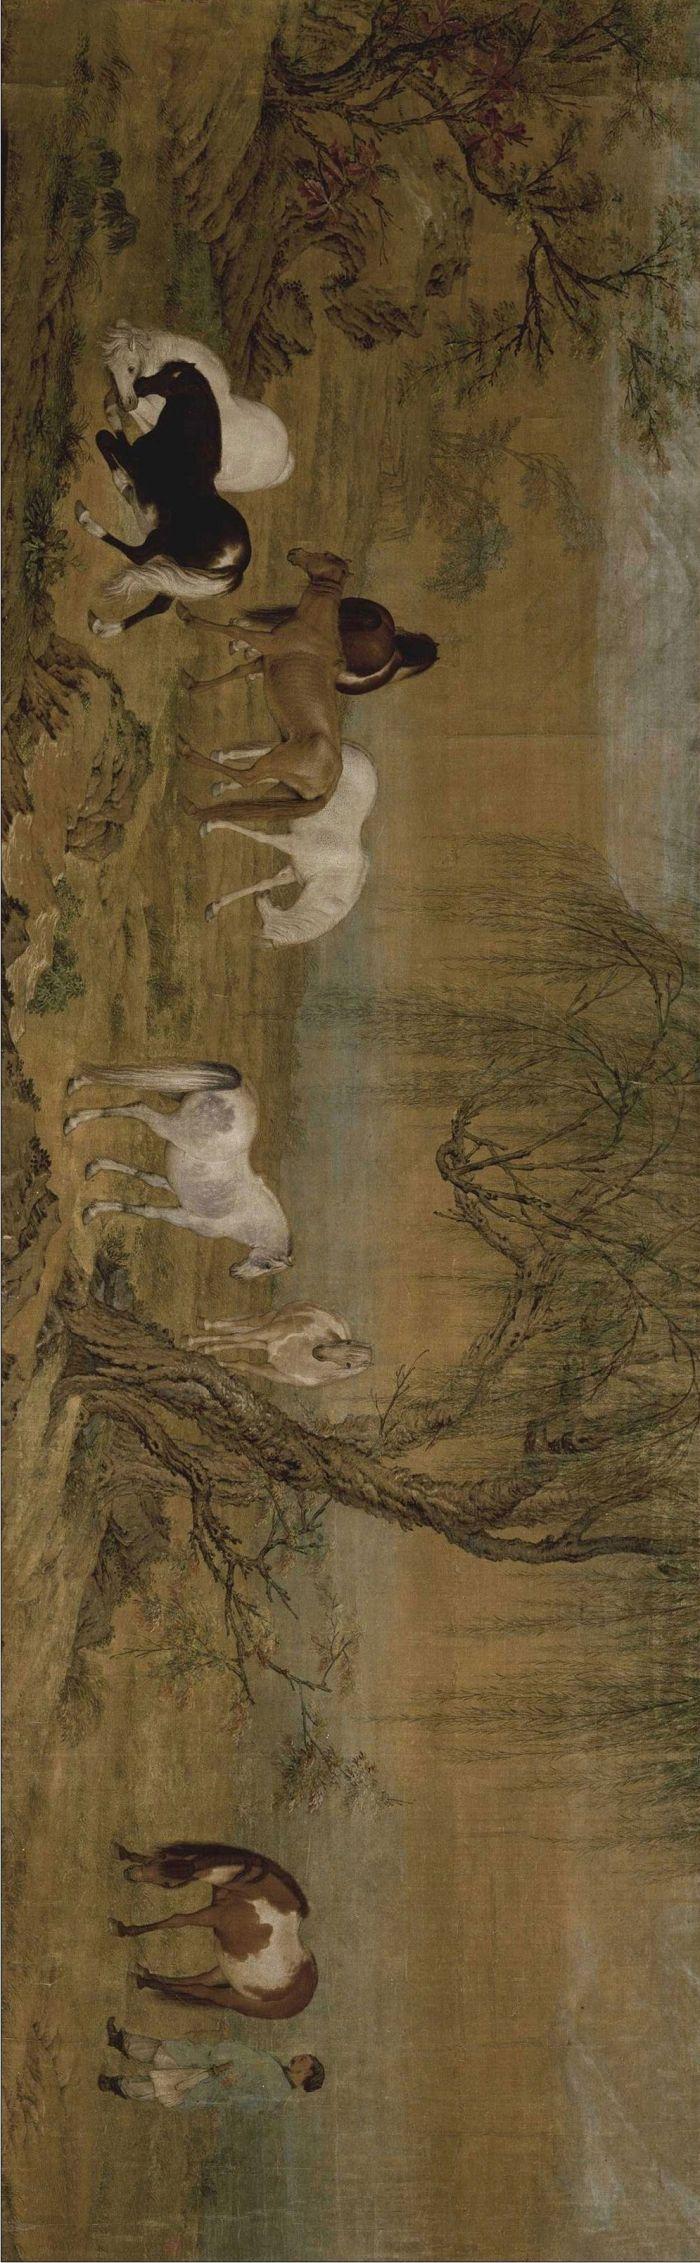 郎世宁《郊原牧马图卷》 51.2×166cm 北京故宫博物院藏